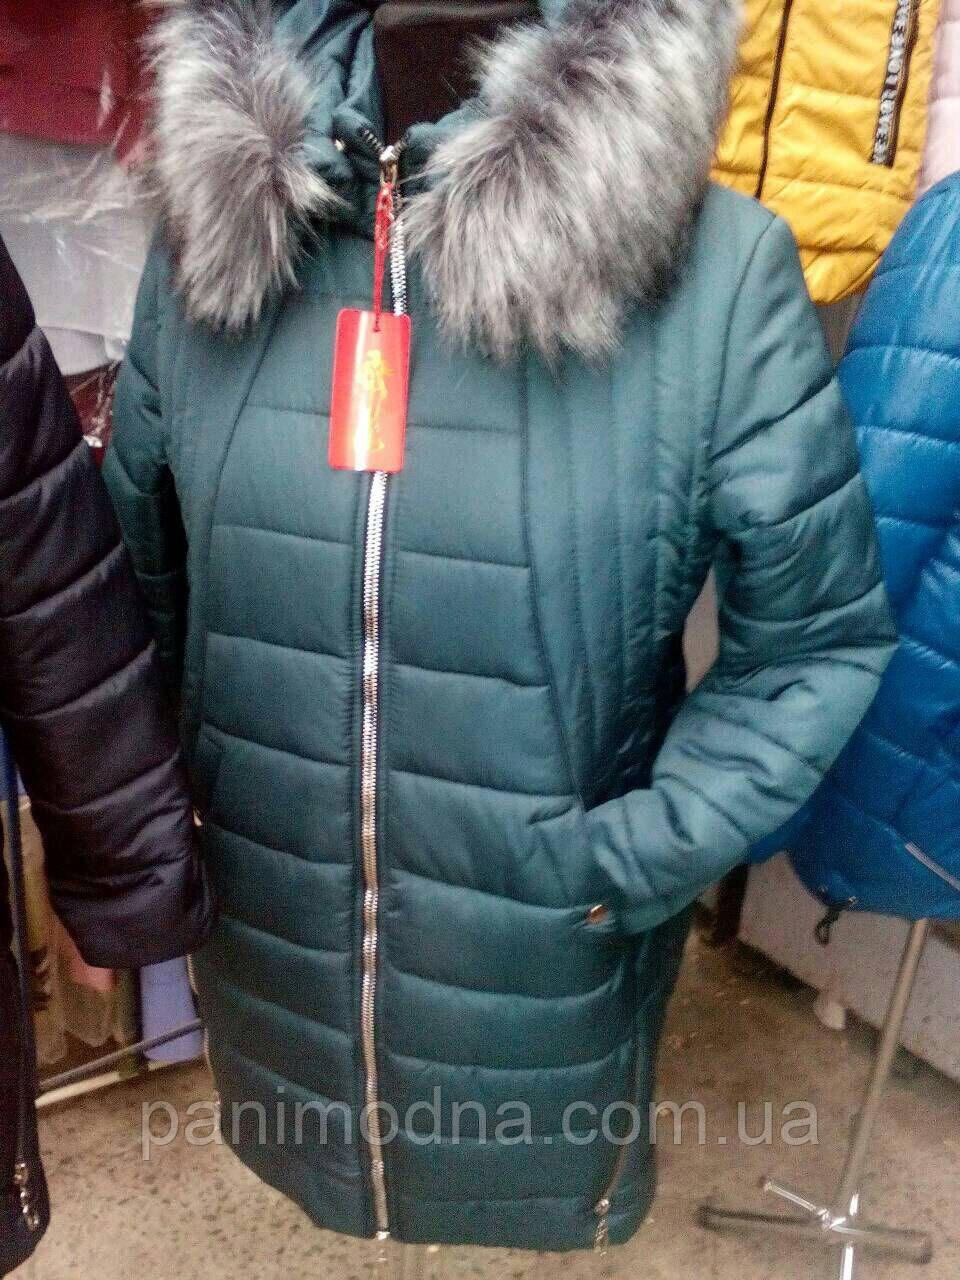 013e7ce977e Куртка женская теплая